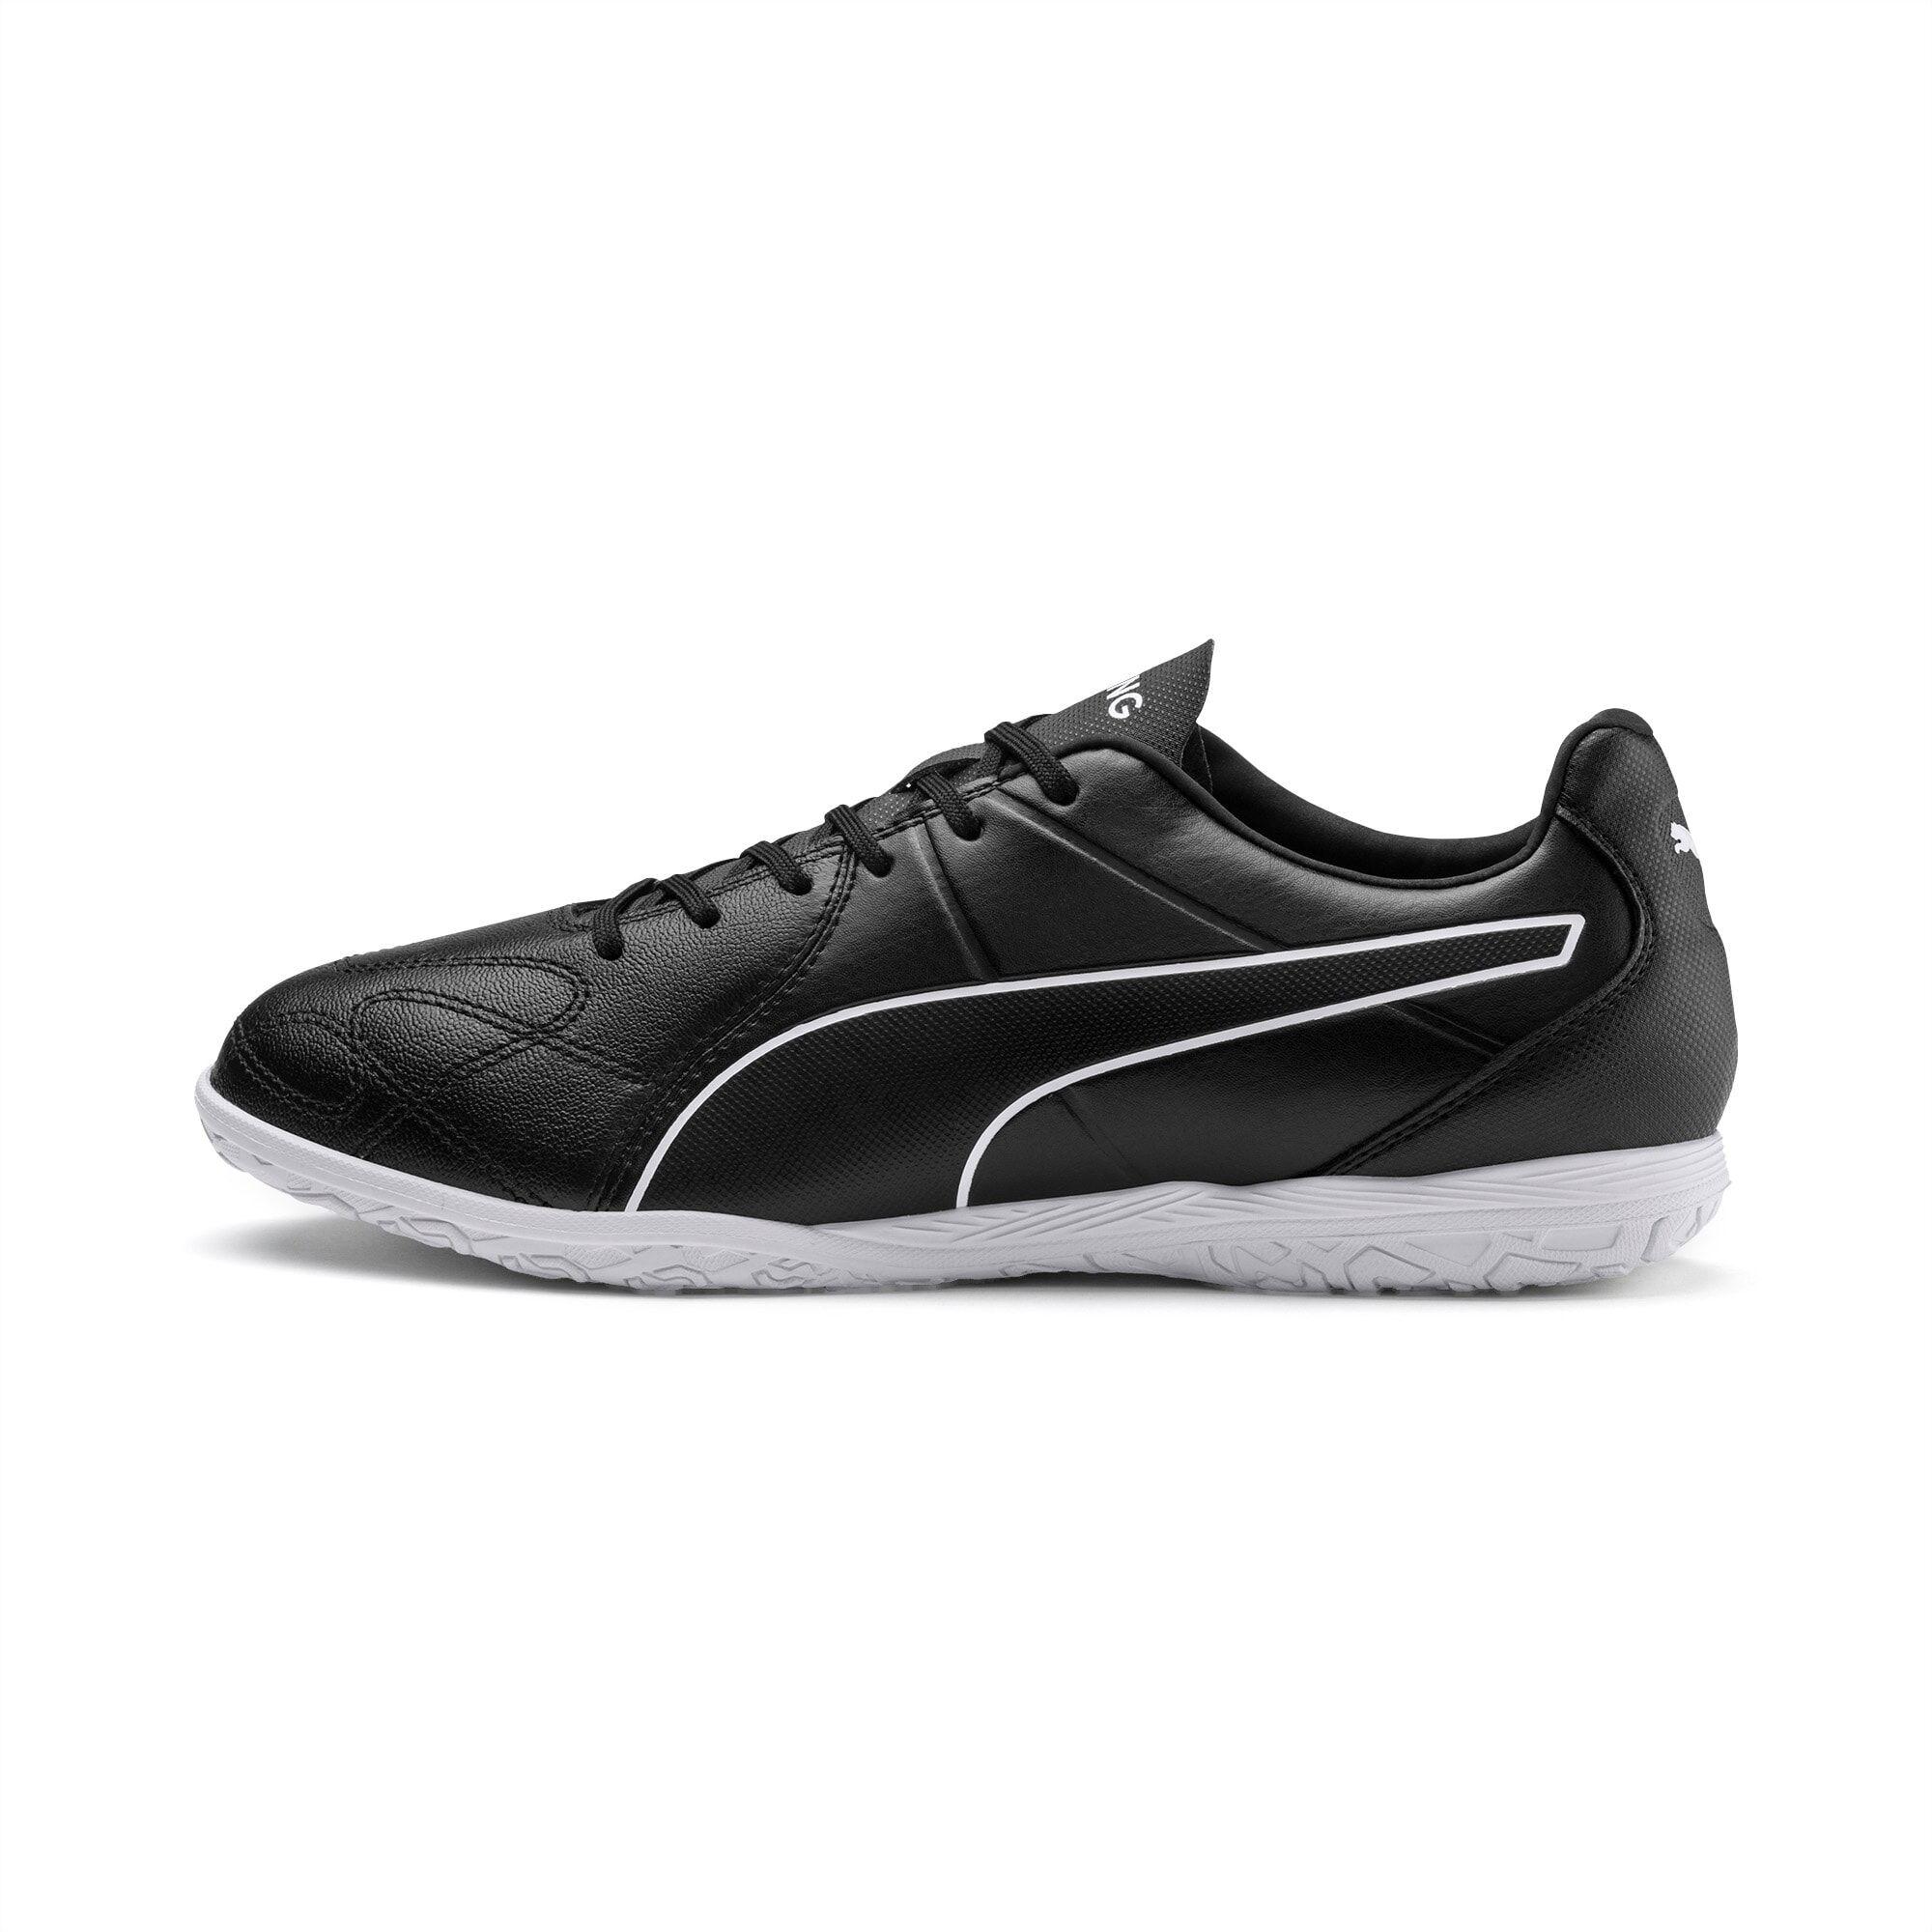 PUMA Chaussure de foot KING Hero IT, Noir/Blanc, Taille 46.5, Accessoires